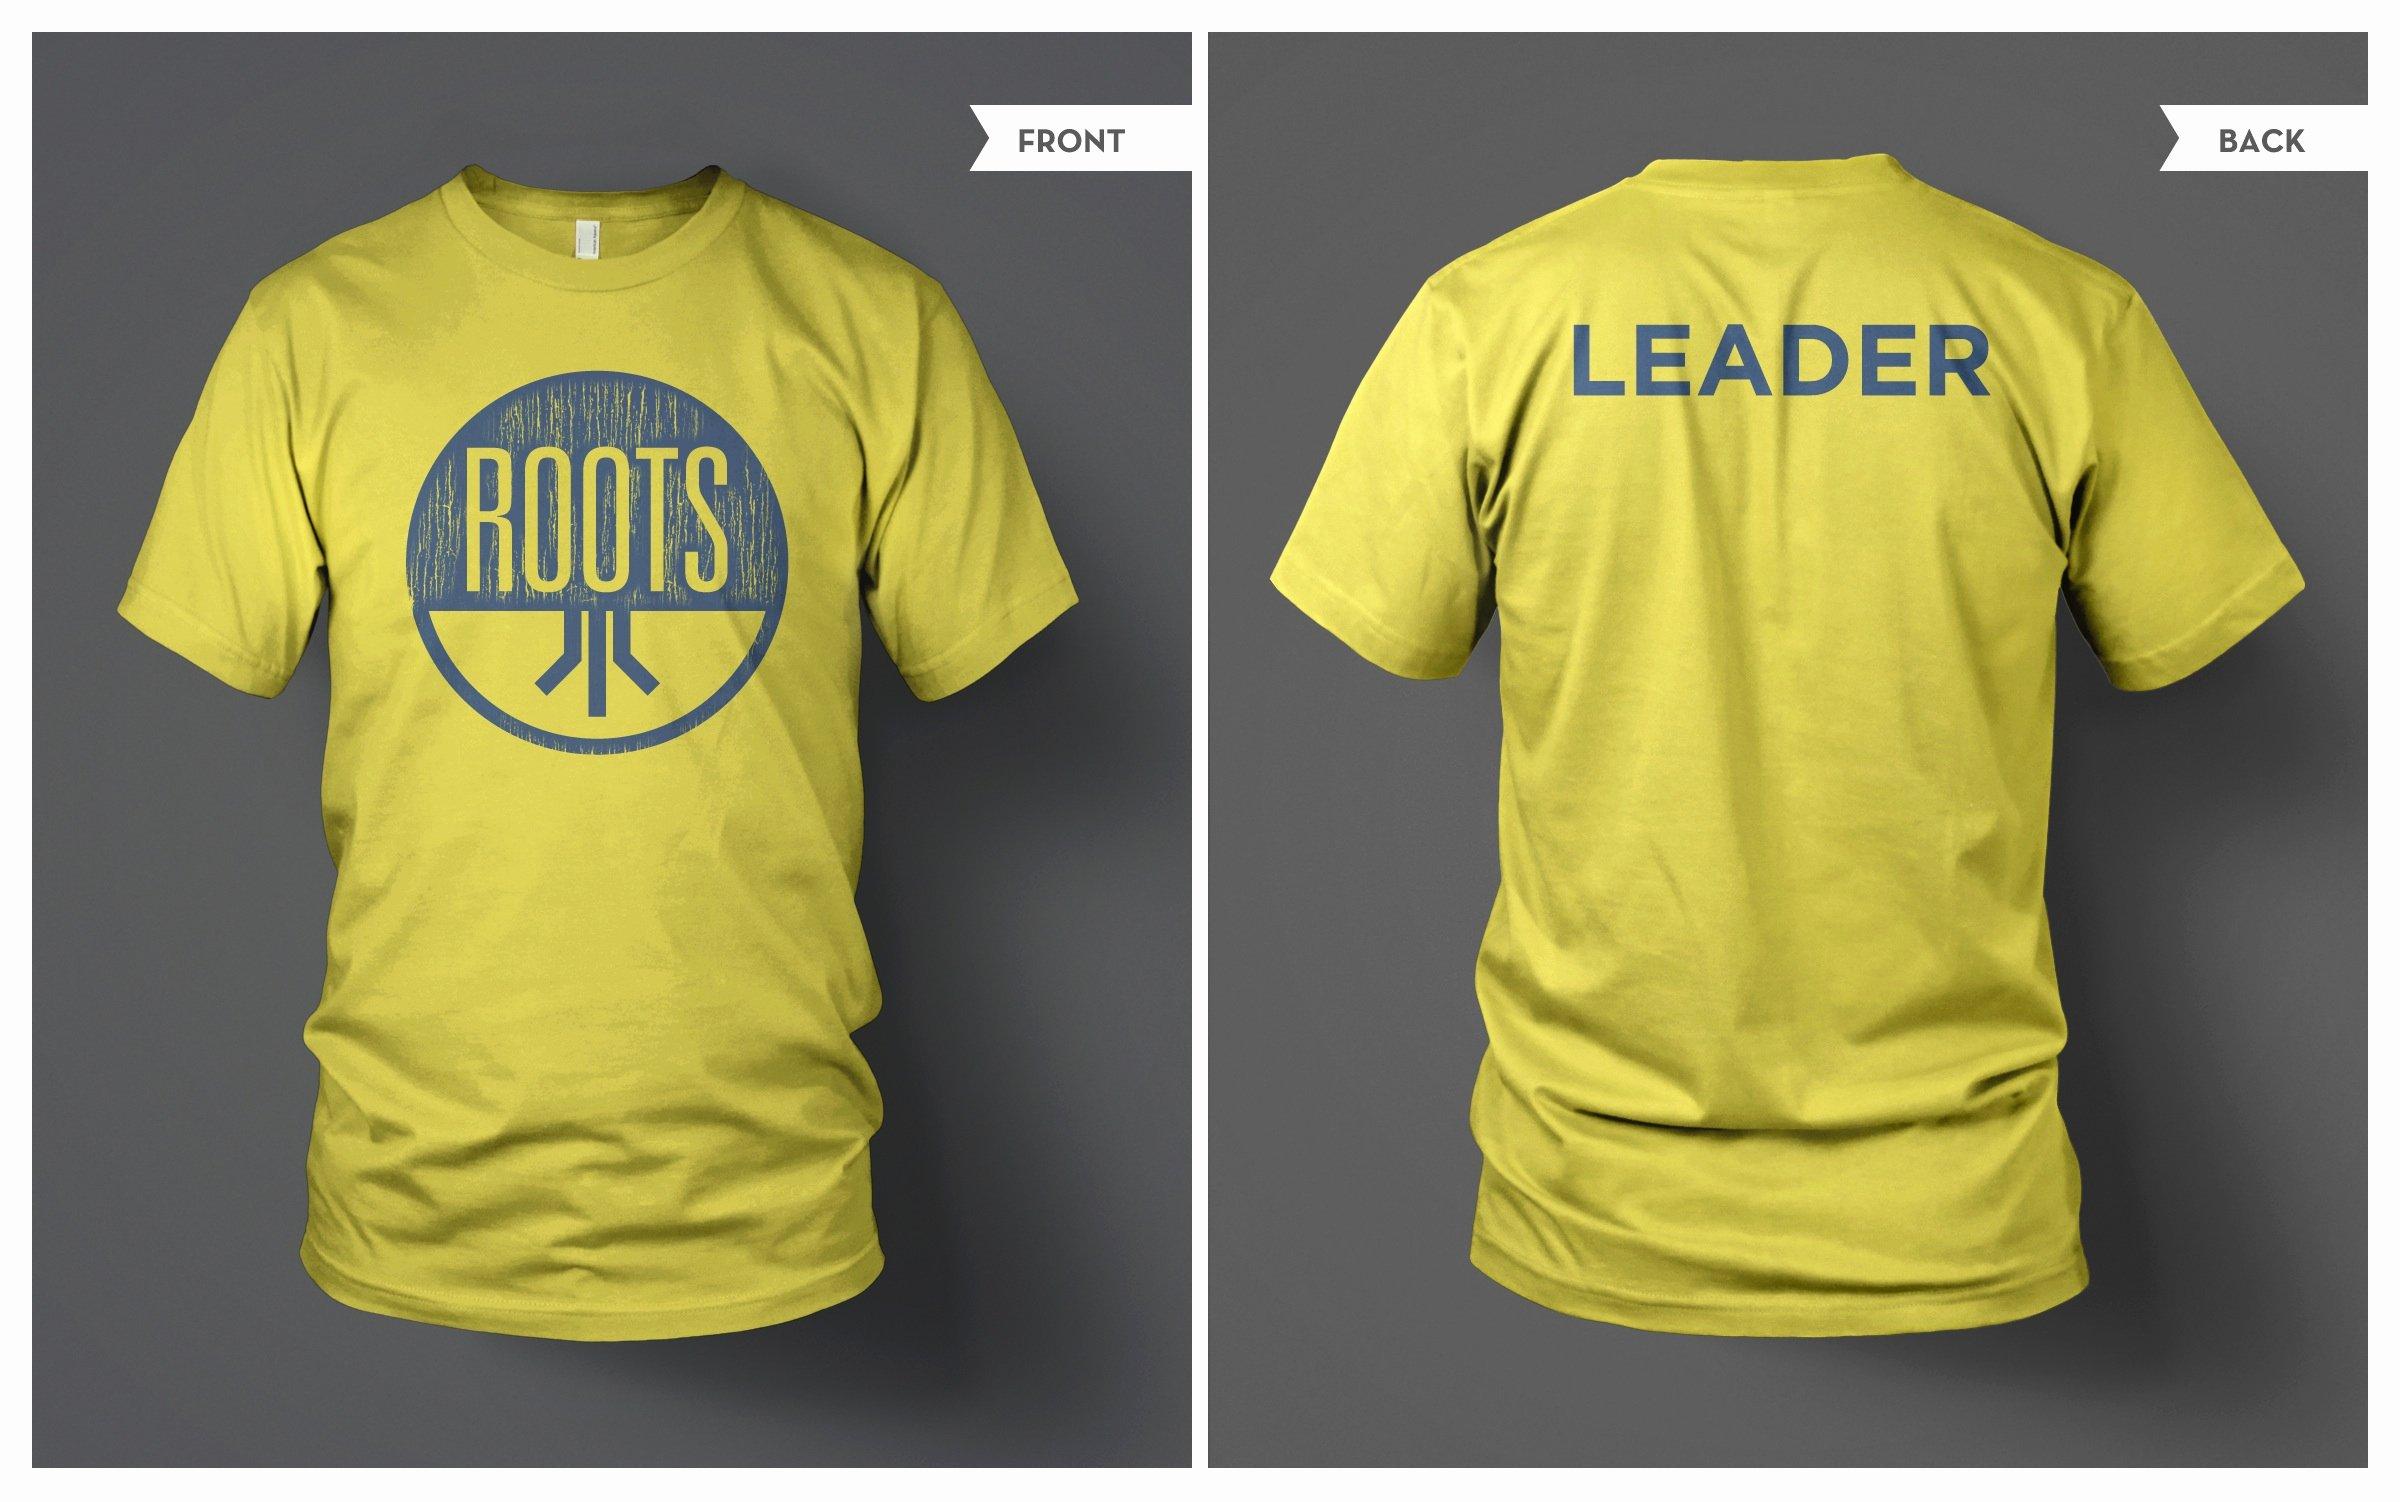 T Shirt Template Psd Beautiful Template Design Ideas